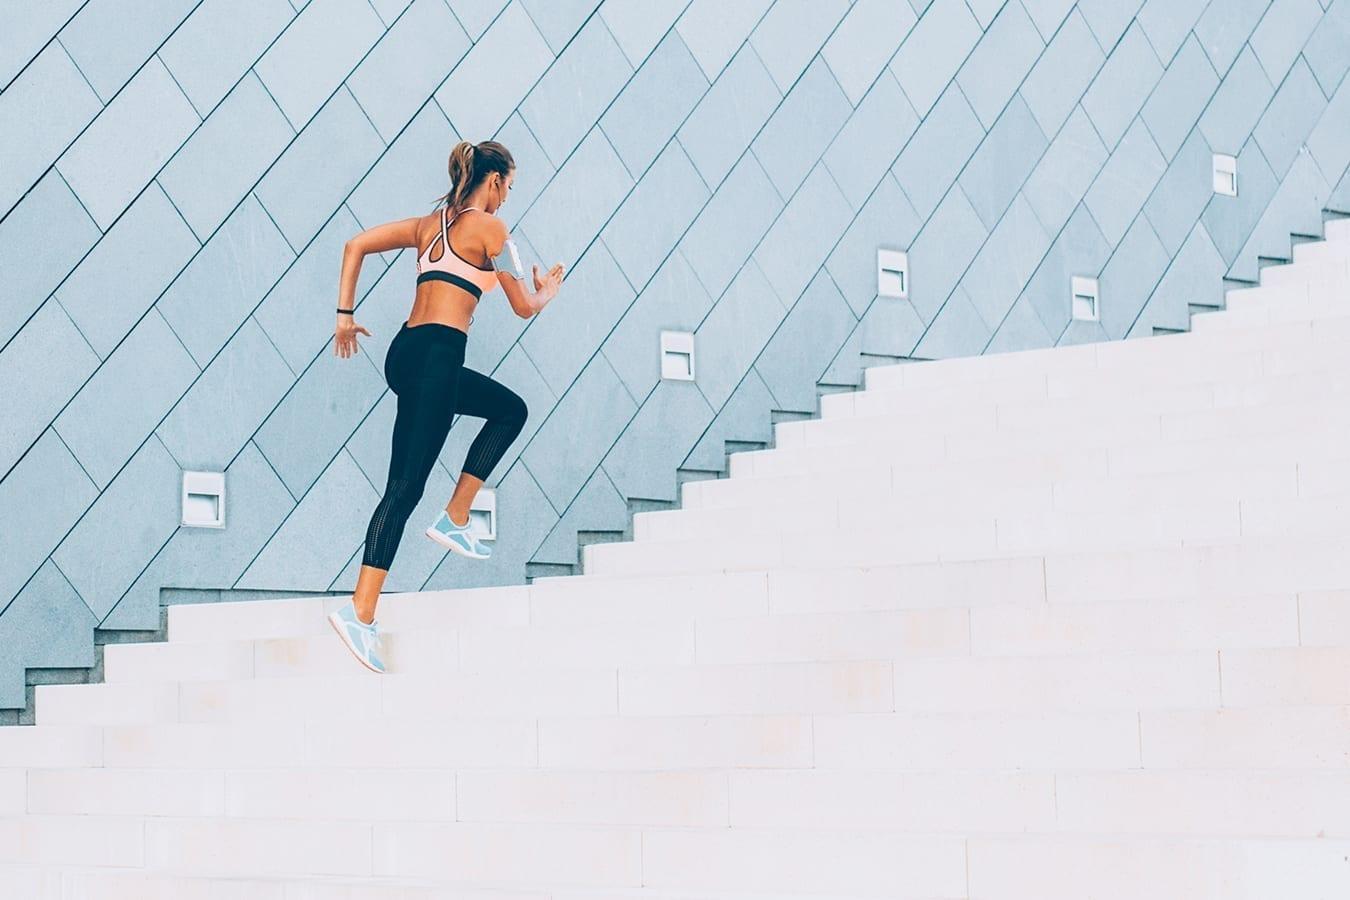 Femme sportive qui monte des escaliers.